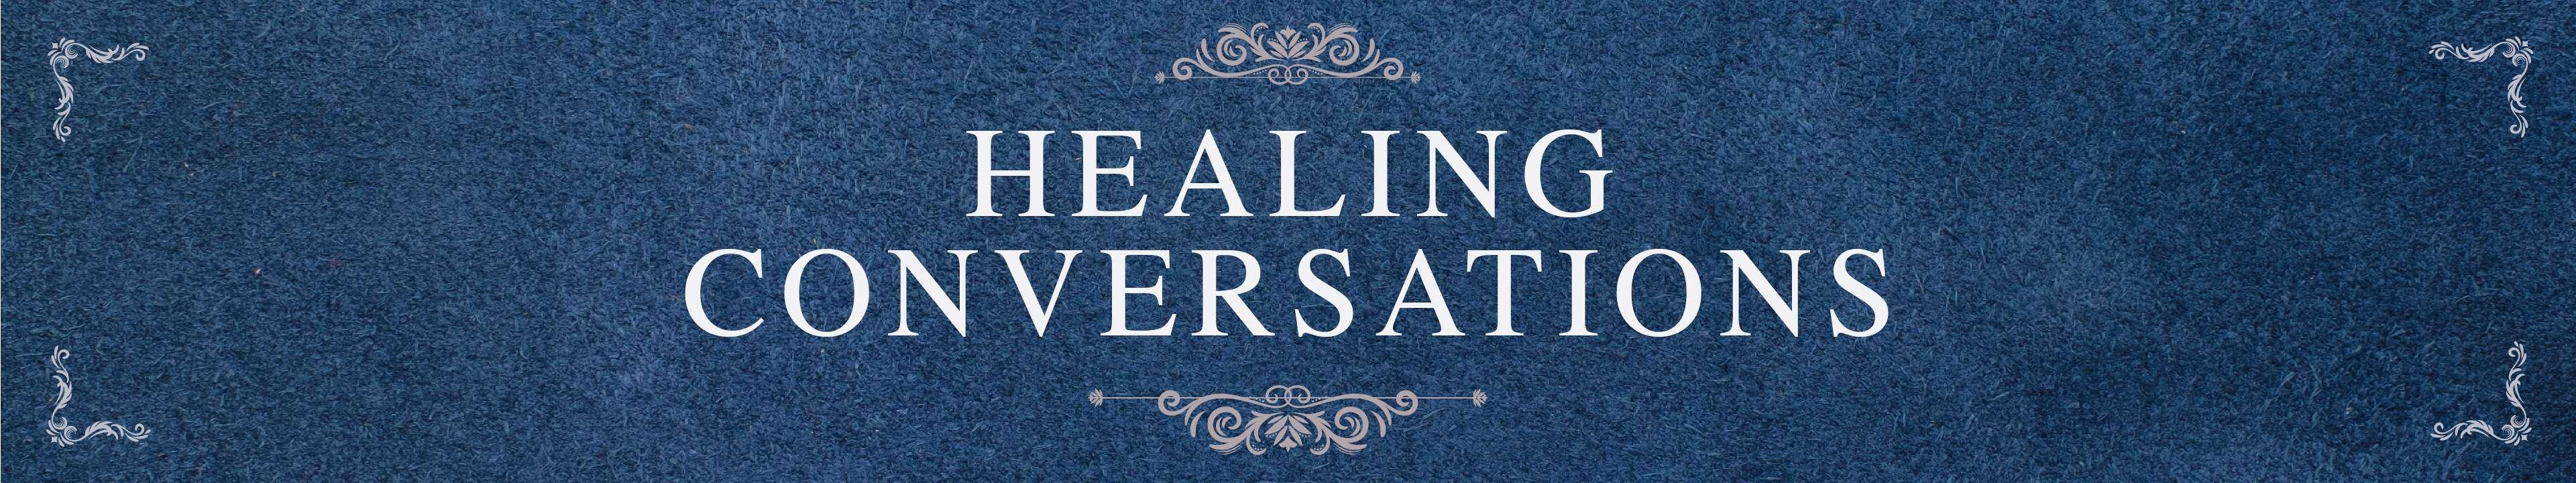 healing-conversations-4brd-dq2019-slim-banner